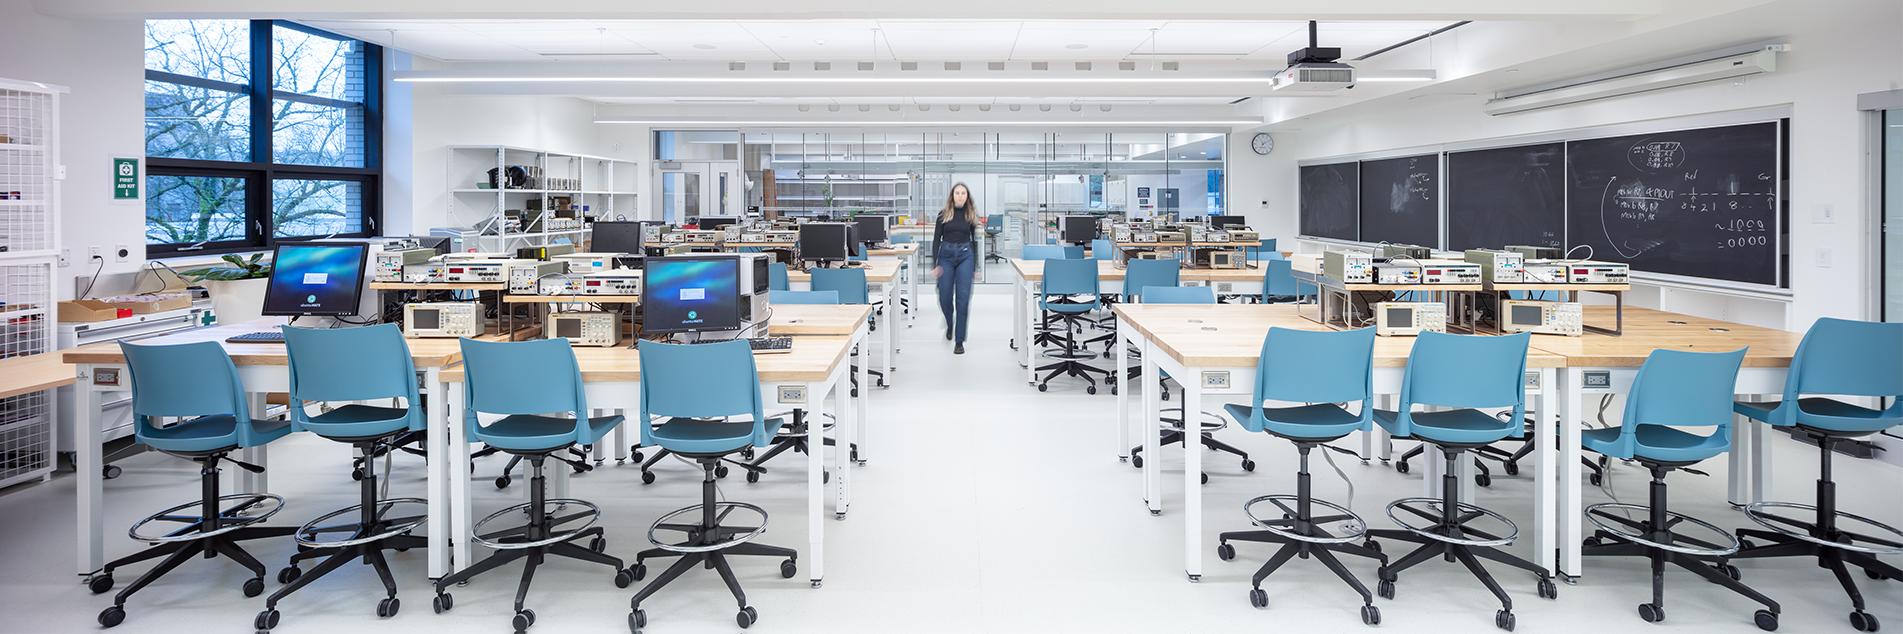 Empty Hebb laboratory